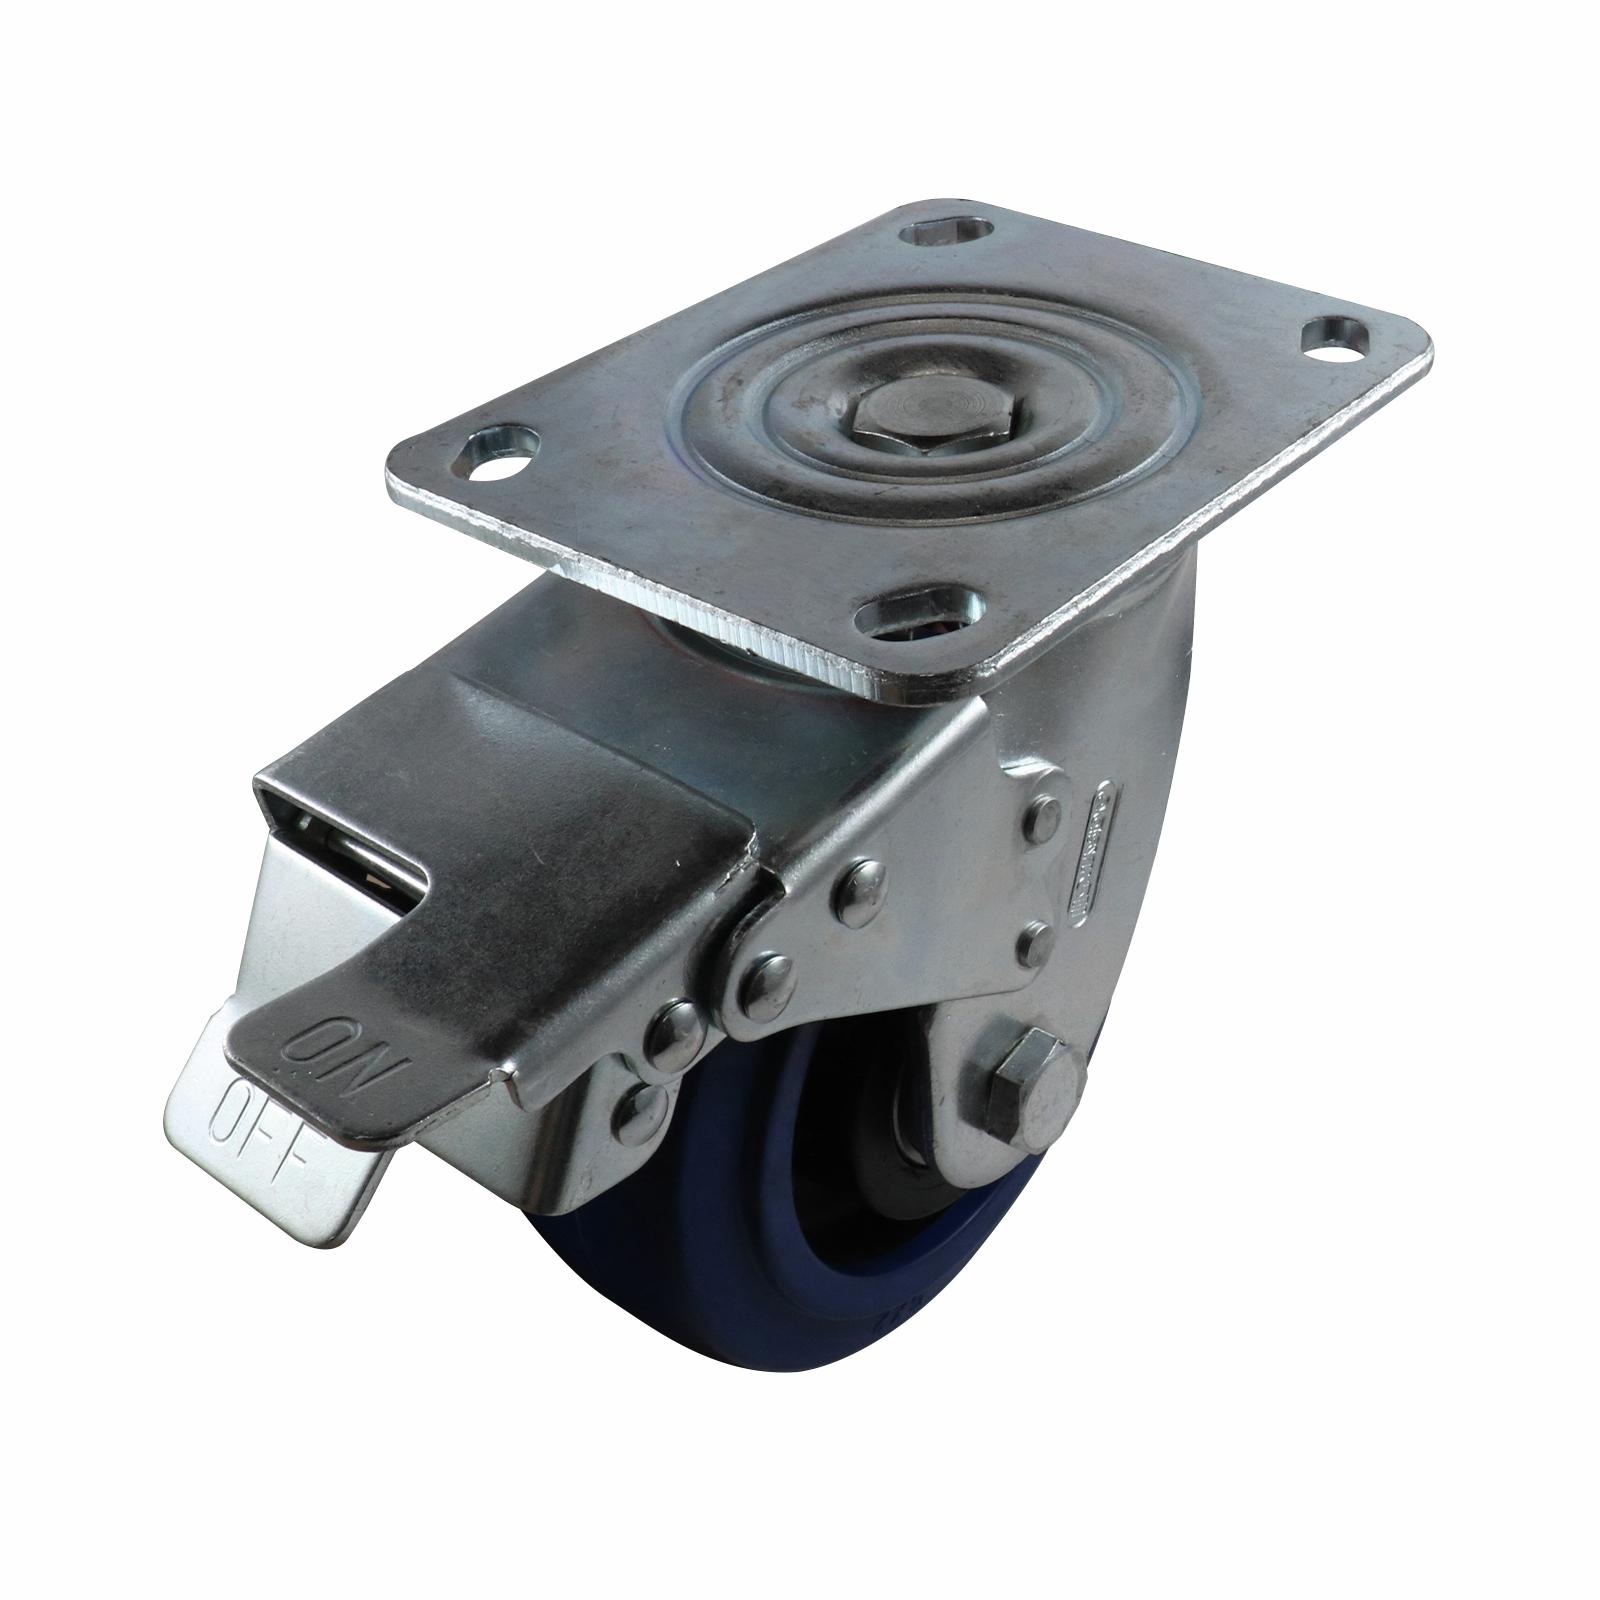 Easyroll 125mm Blu Rubber Castor Swivel Brake